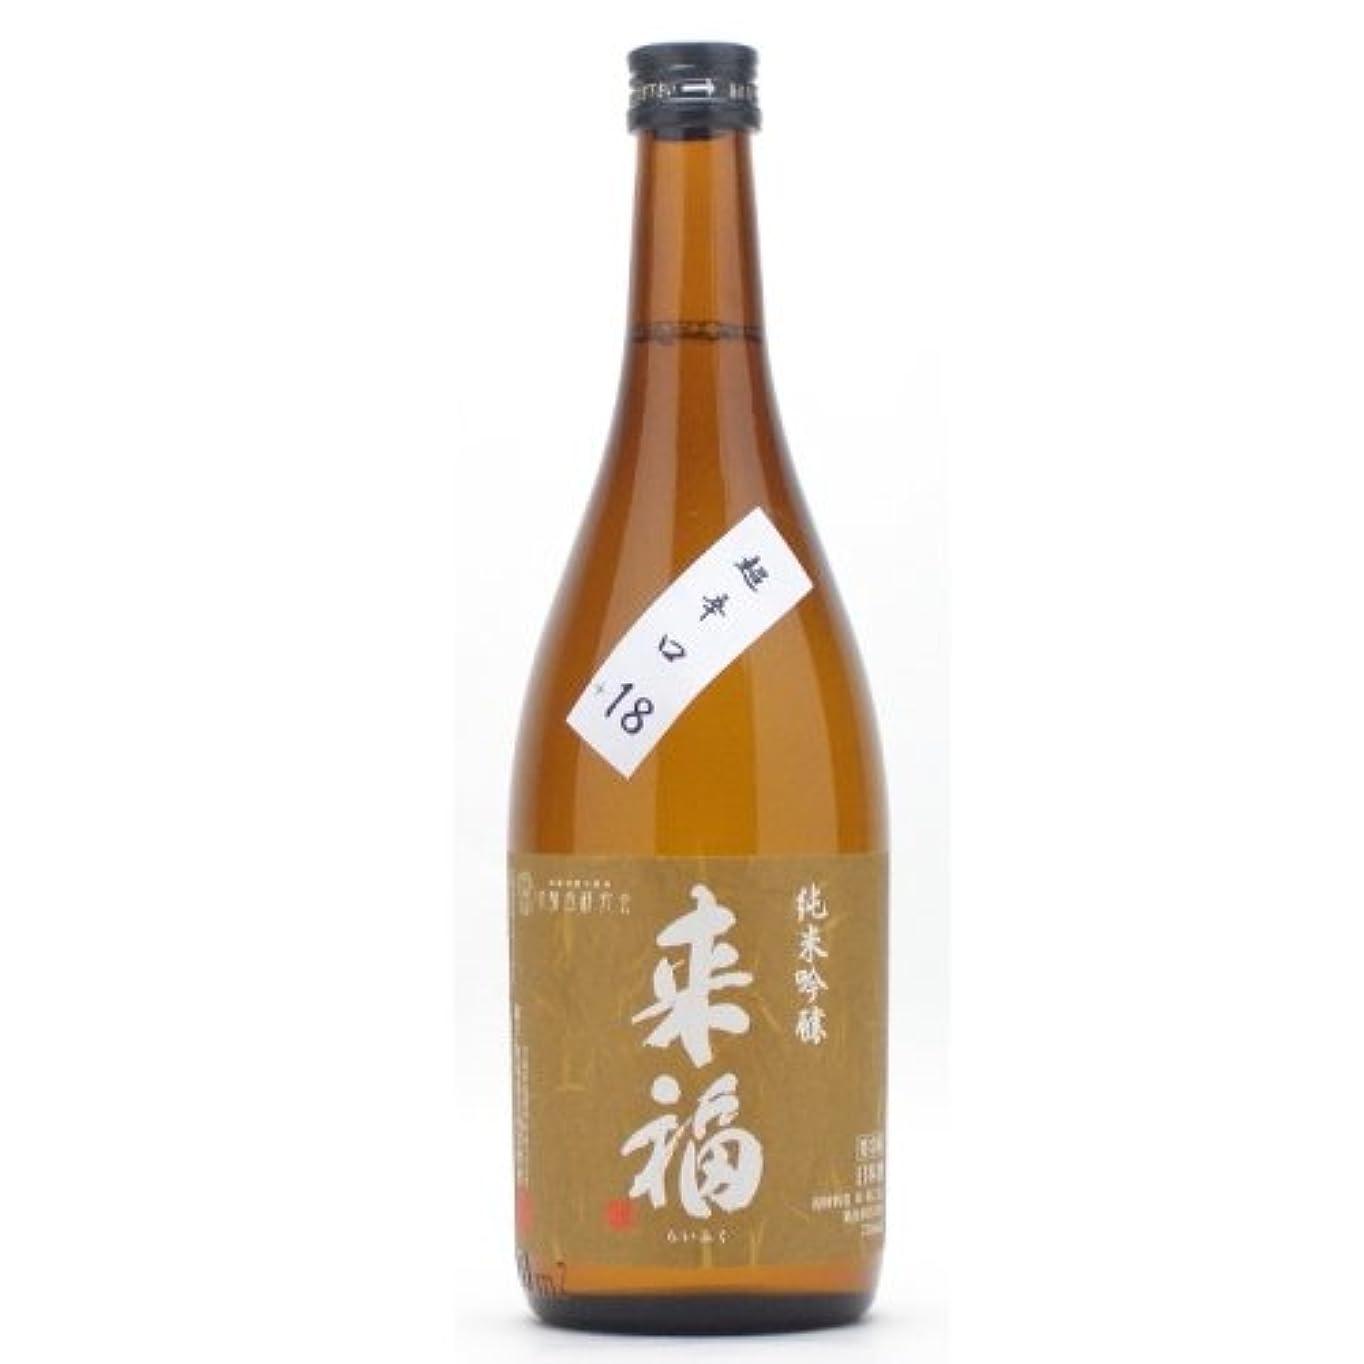 小川ジェーンオースティン郵便物茨城県 来福酒造 来福【らいふく】 純米吟醸 超辛口+18 720ml